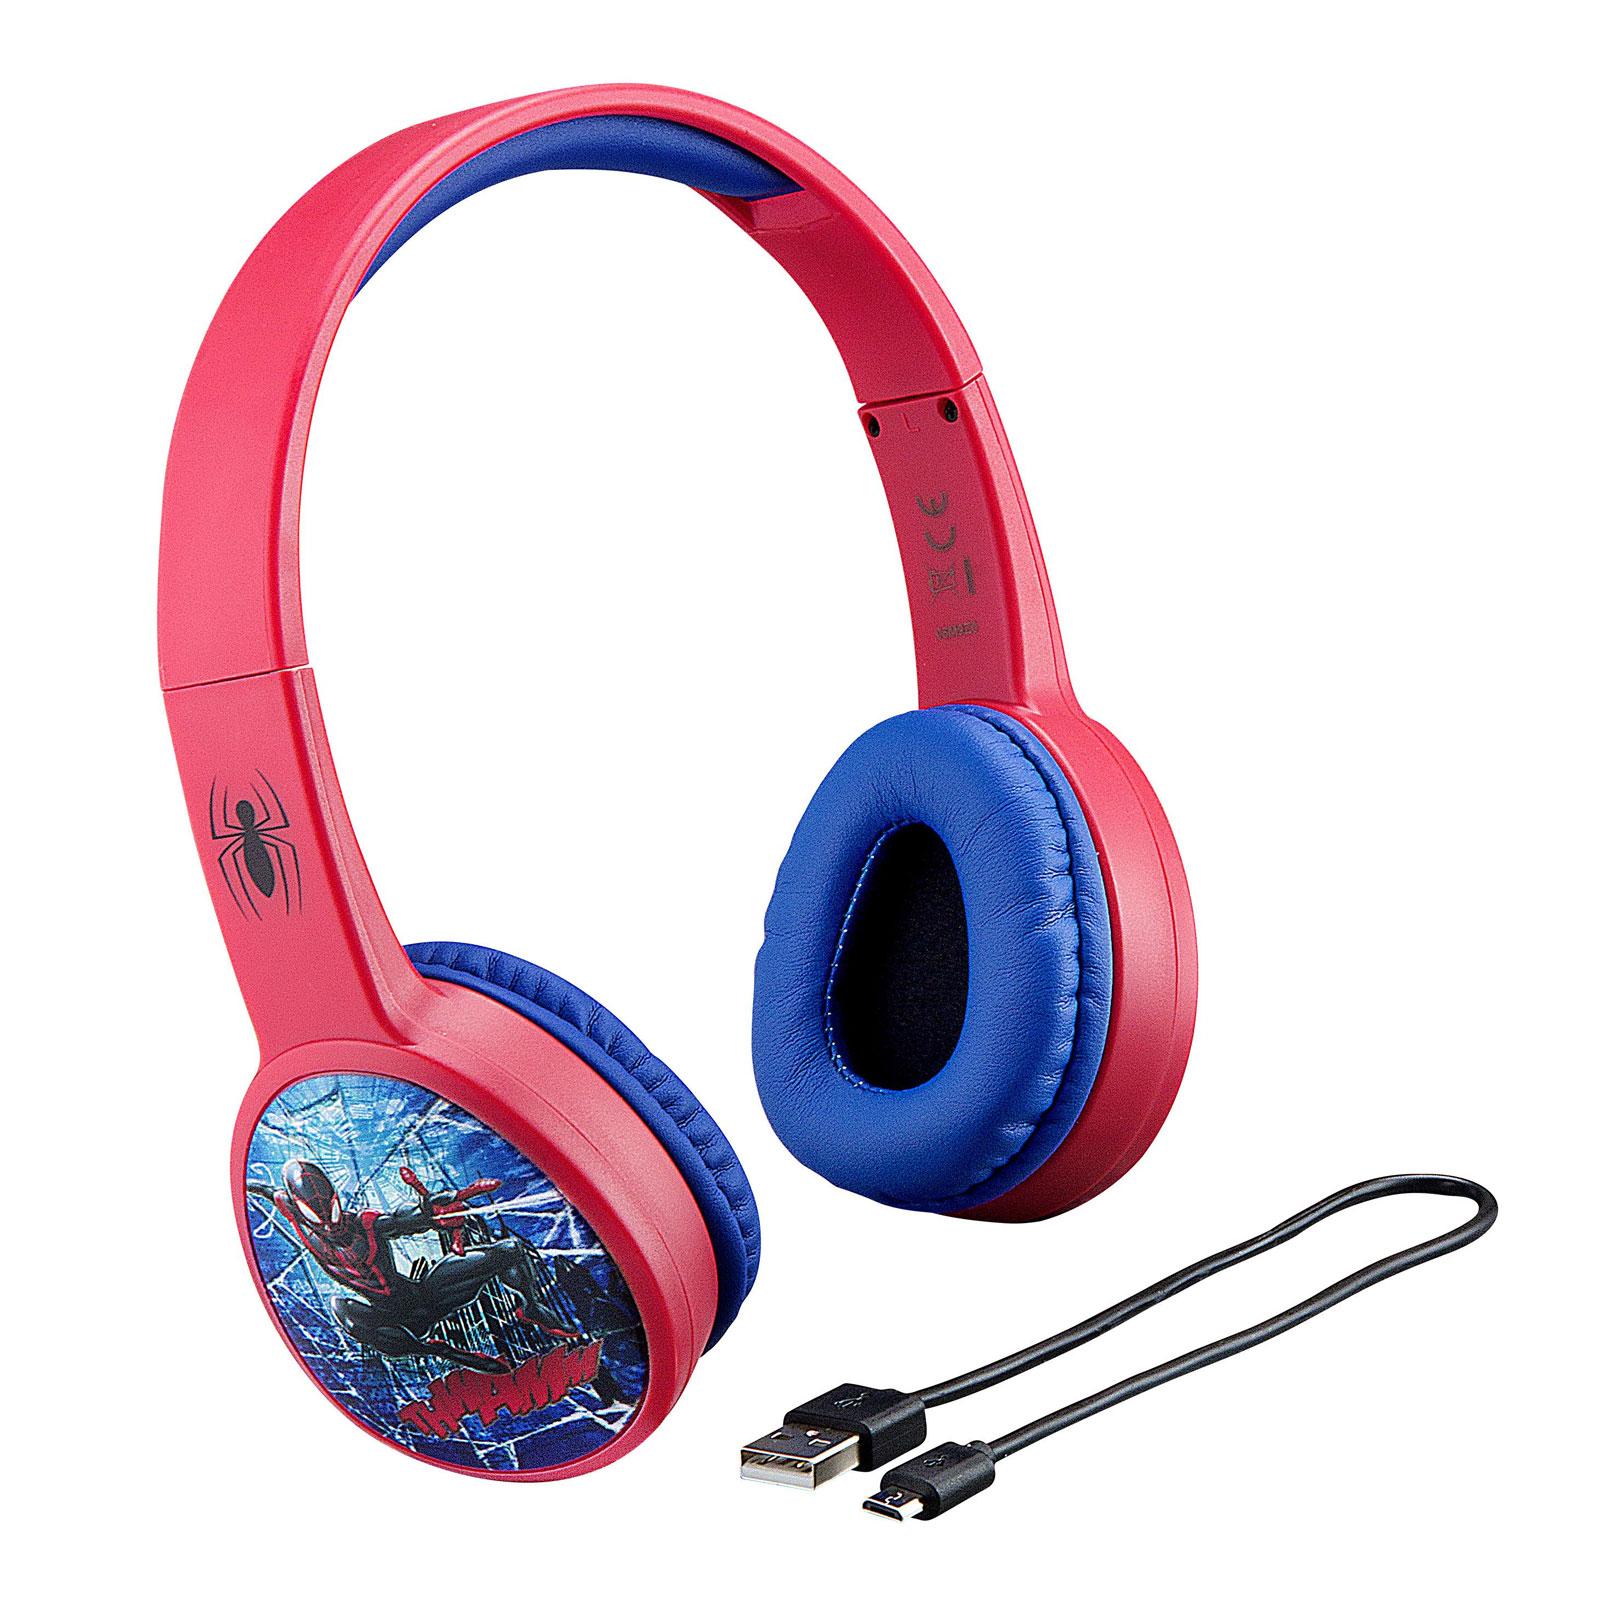 Billede af eKids - Spiderman - Trådløse høretelefoner Bluetooth (10252345)